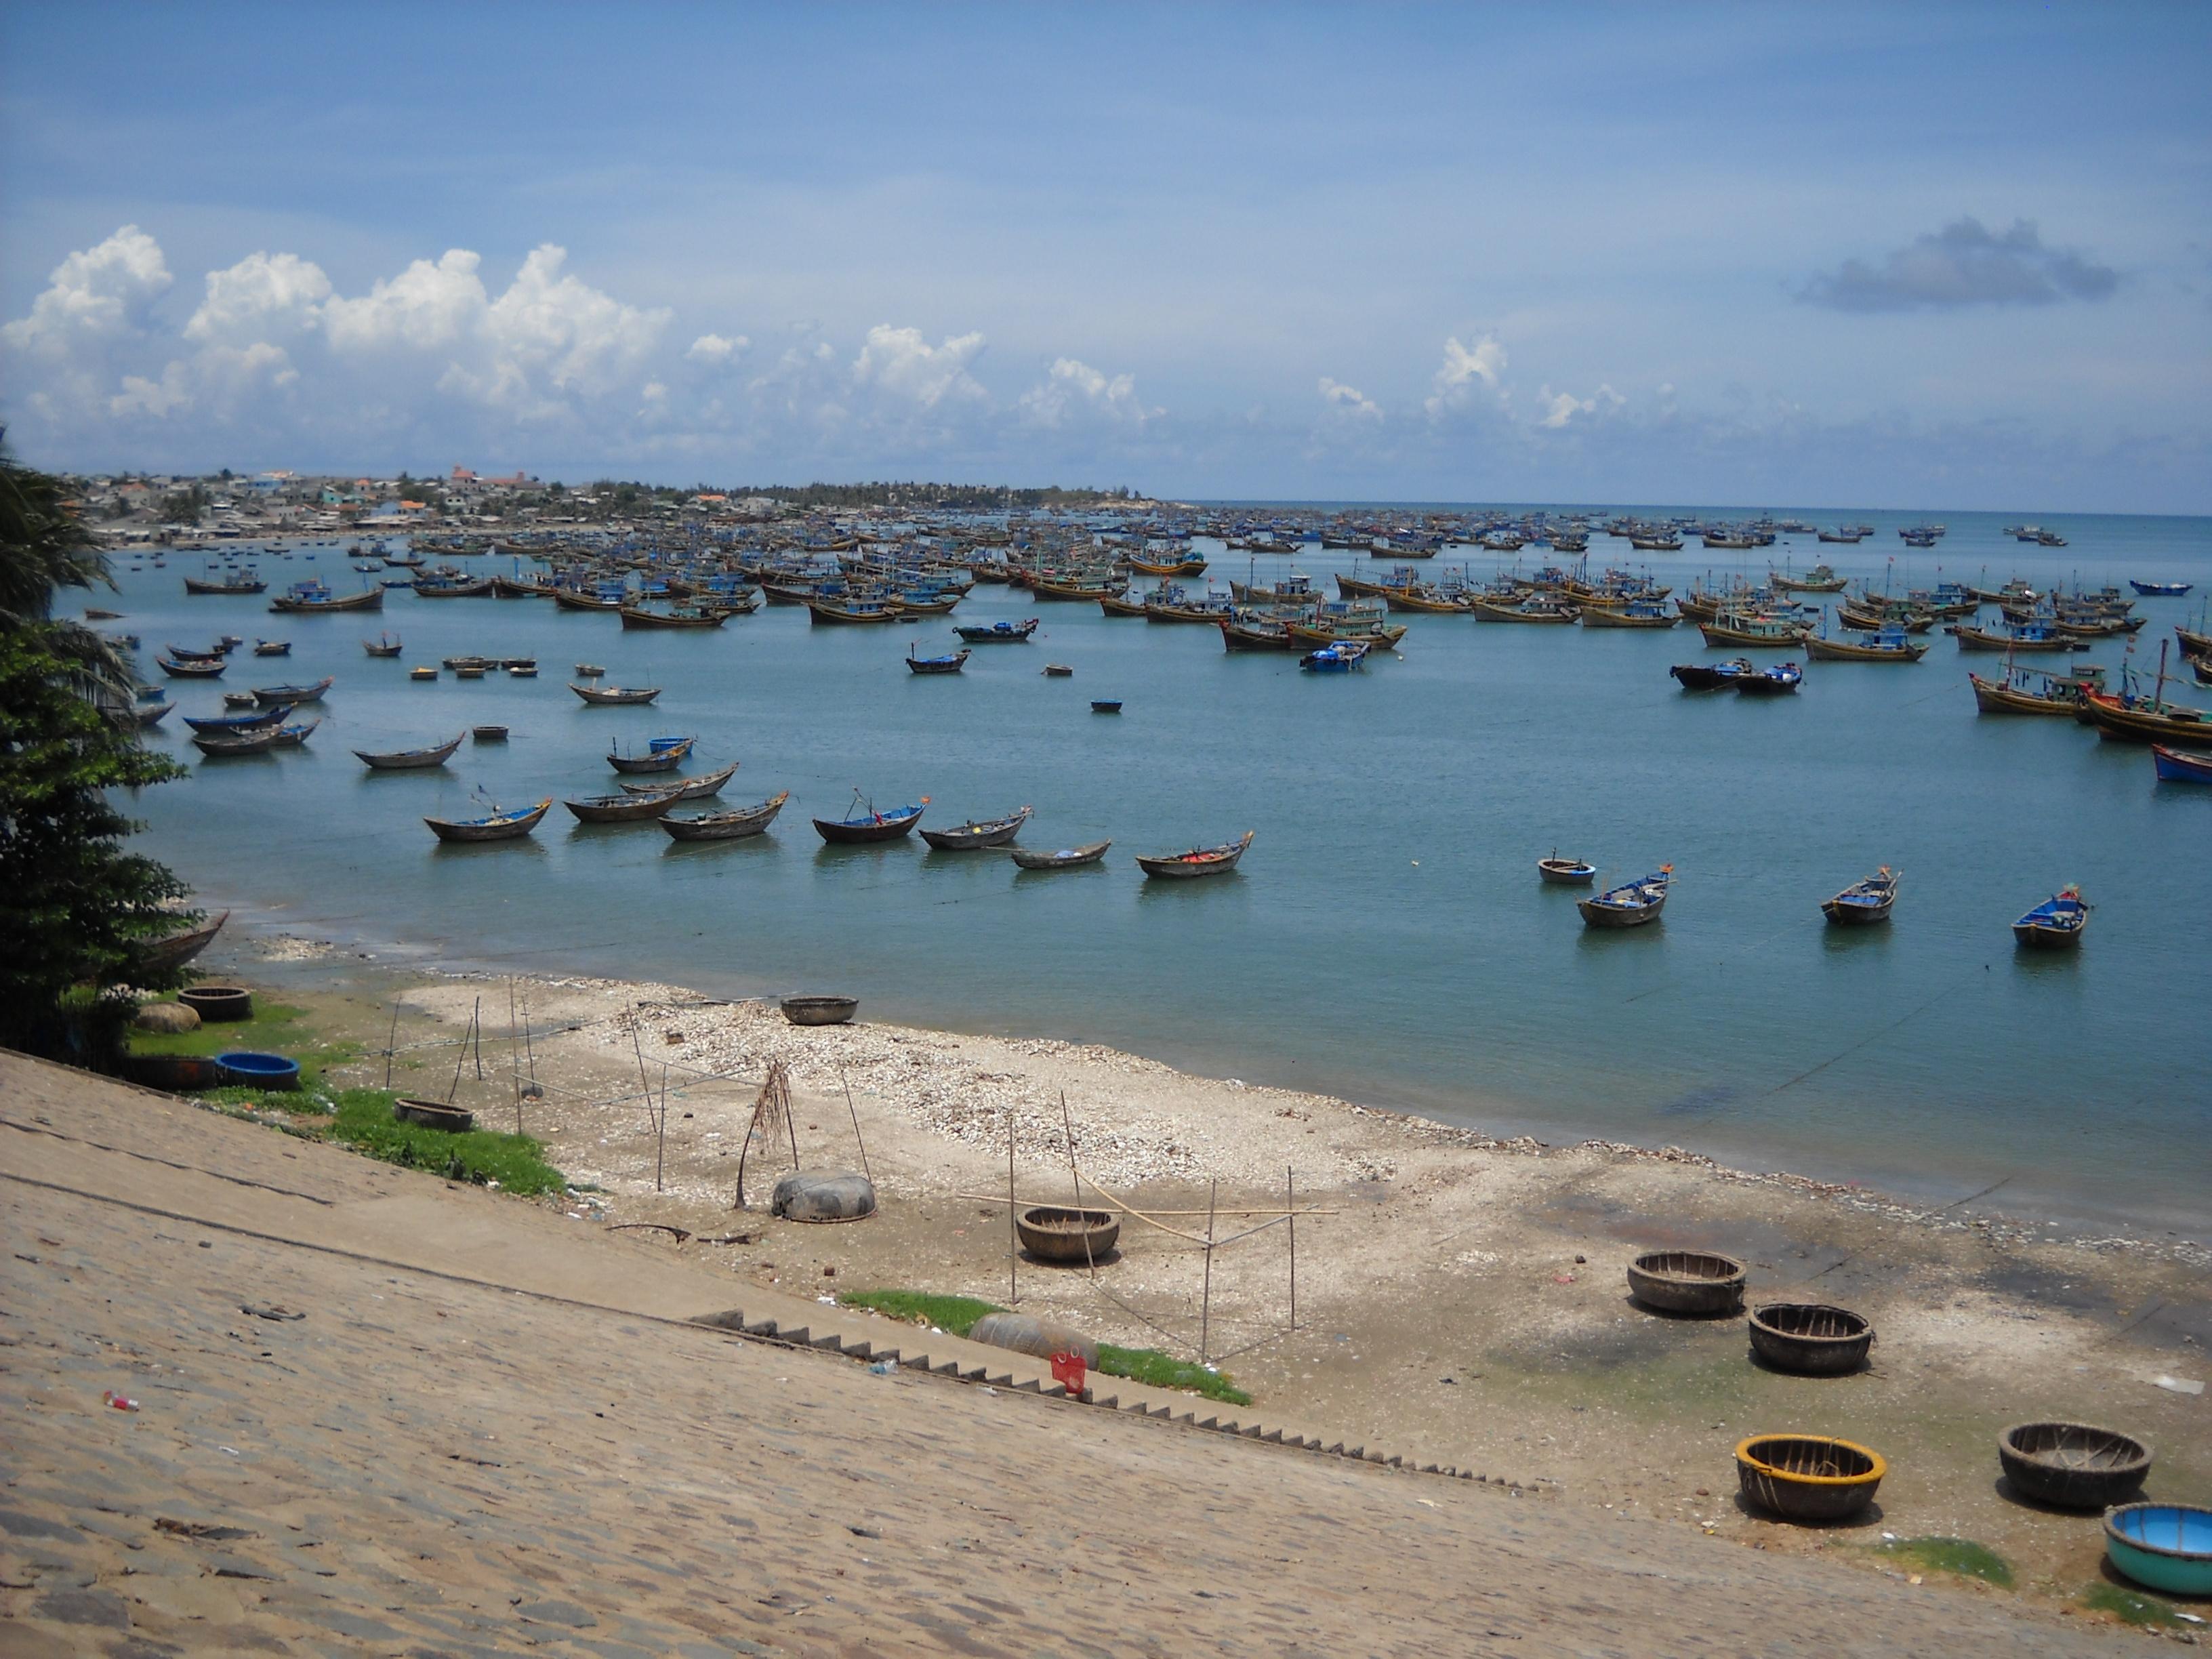 Bán nhớt Castrol giá rẻ tại Bình Thuận